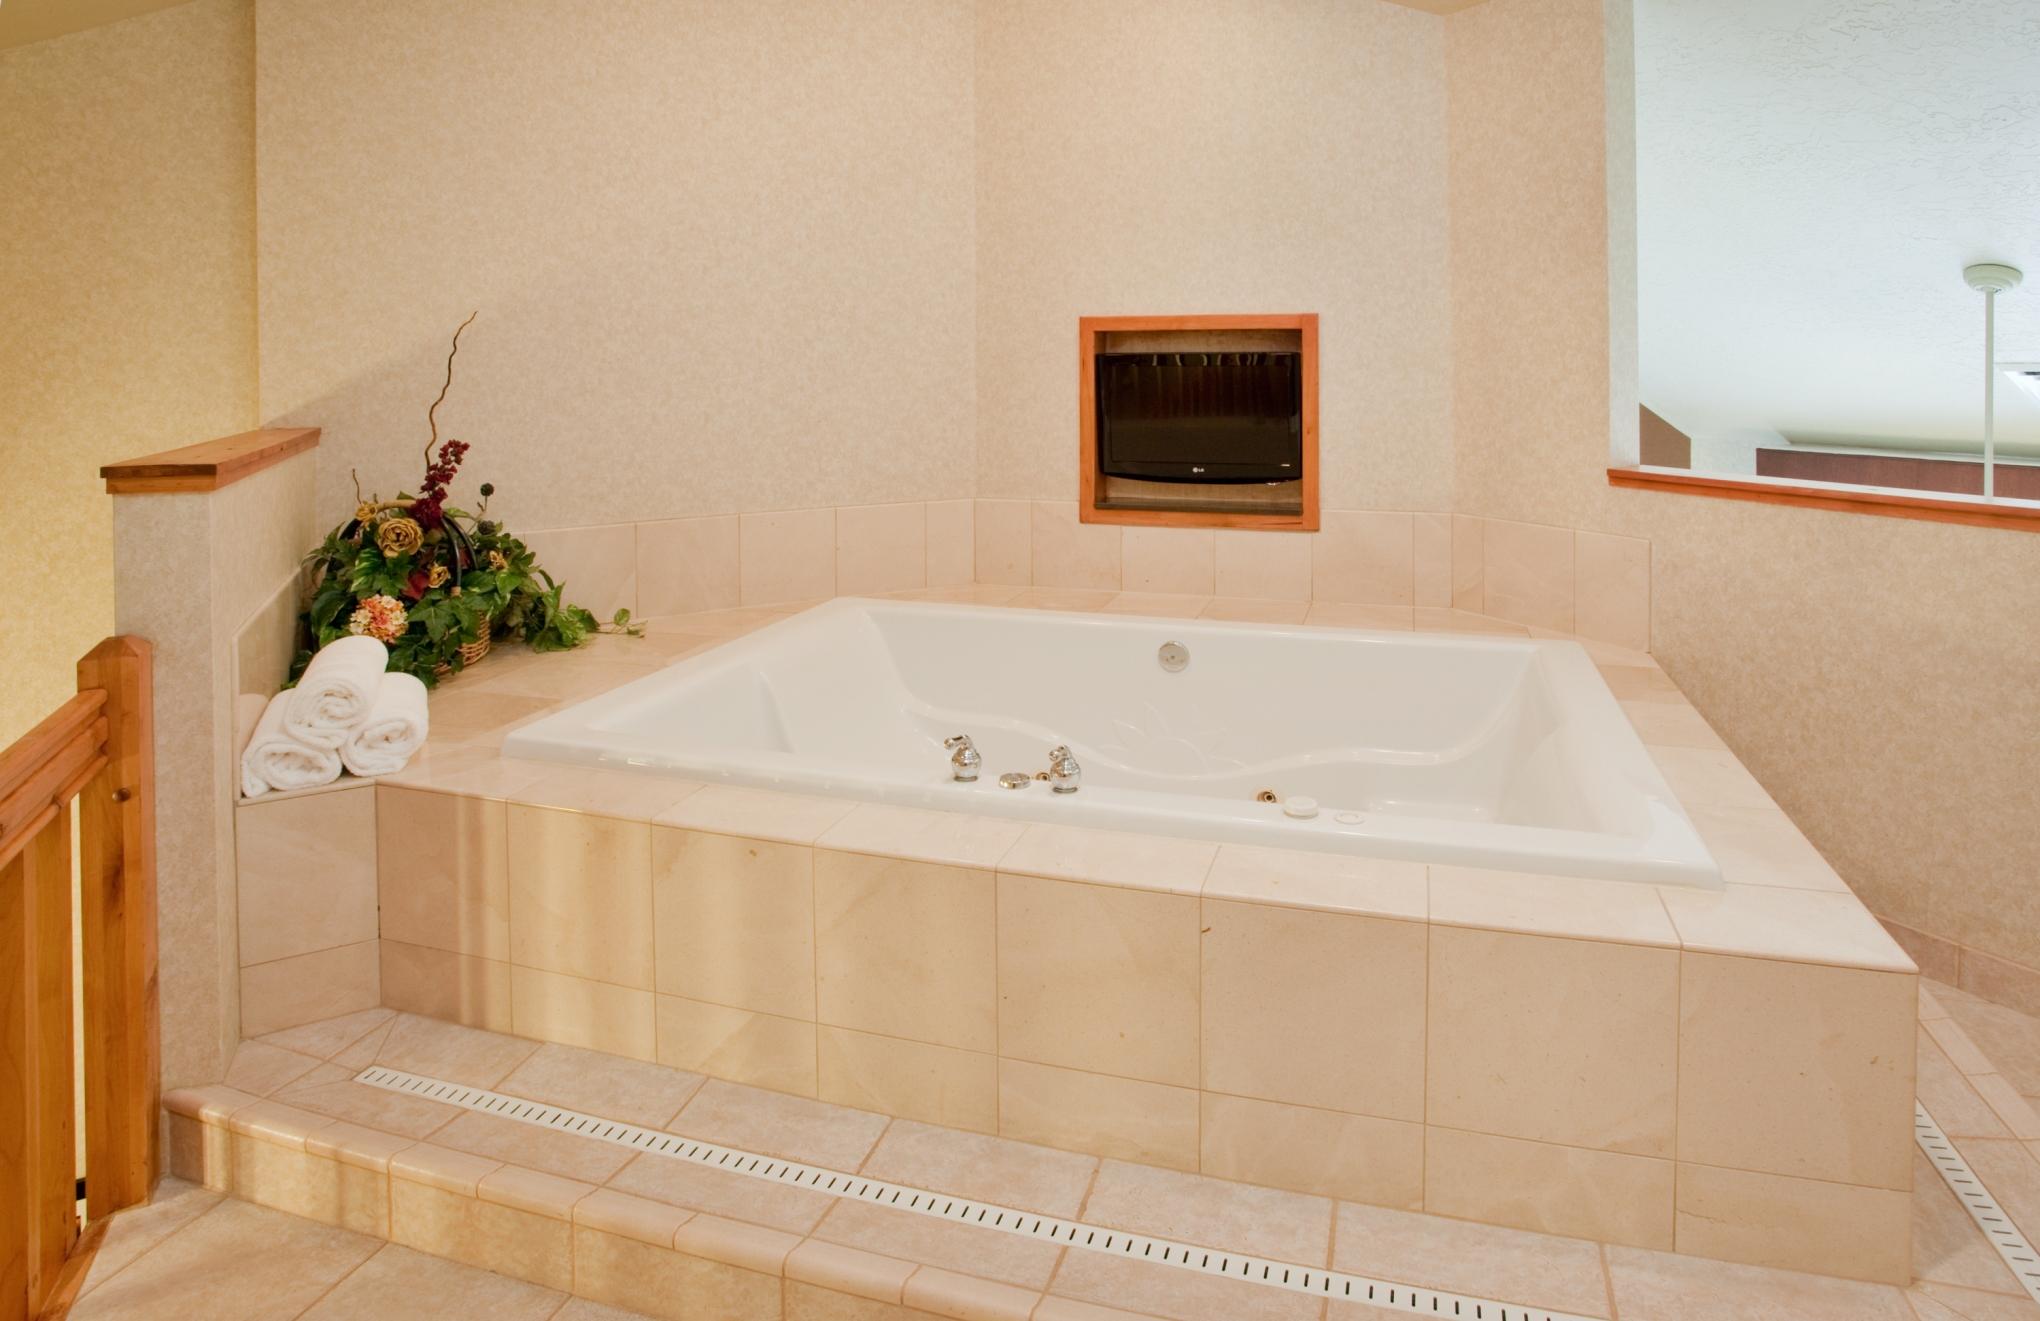 La Quinta Inn & Suites - Idaho Falls